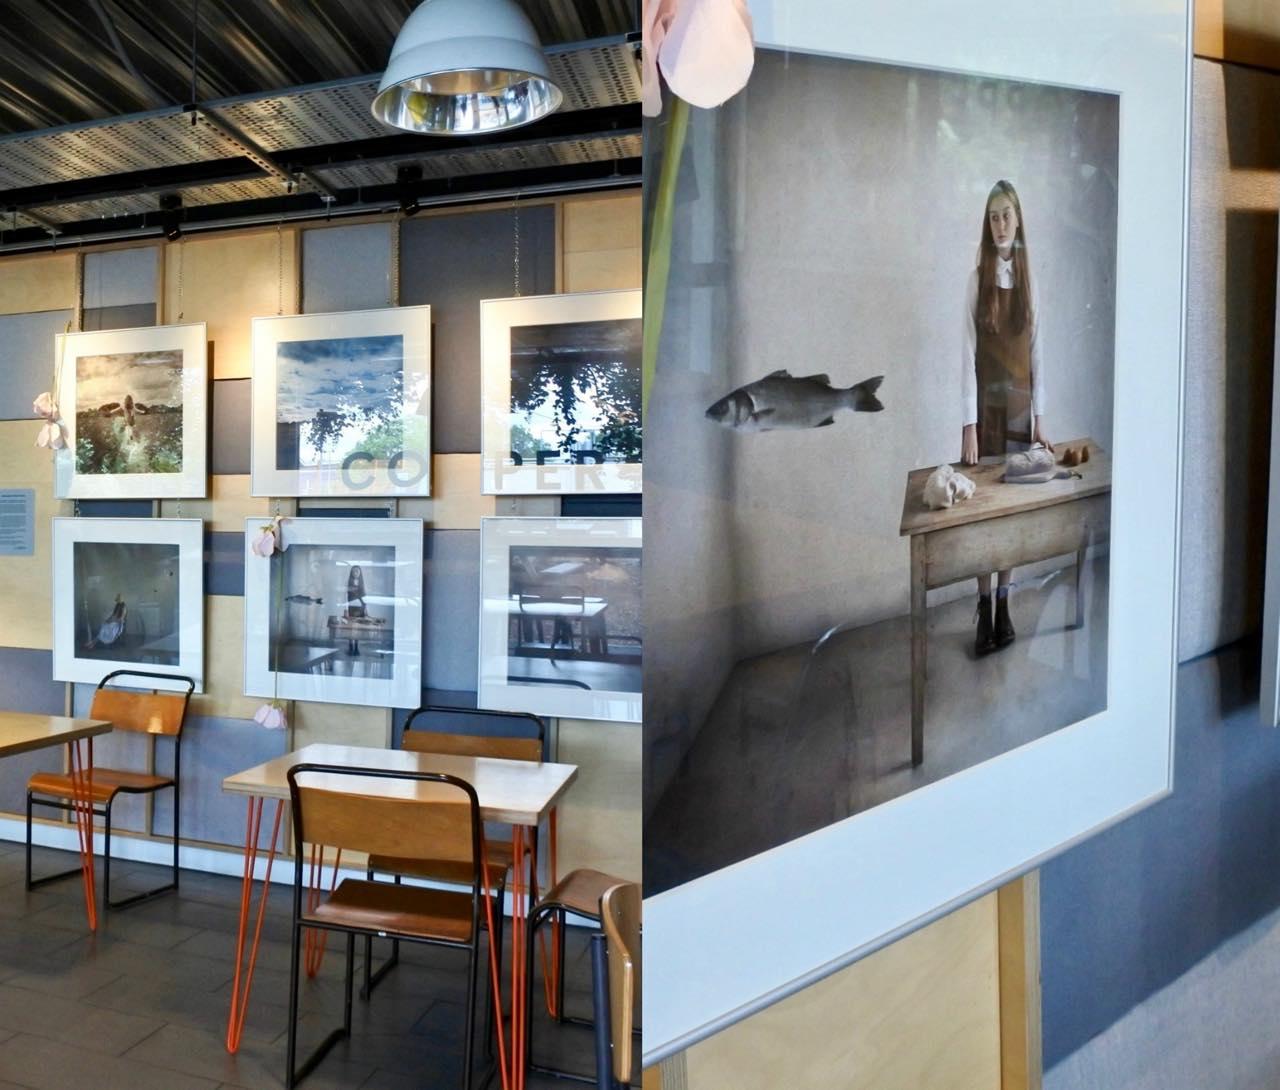 右の作品は、前回のOld Brompton Galleryでも展示されていた作品。